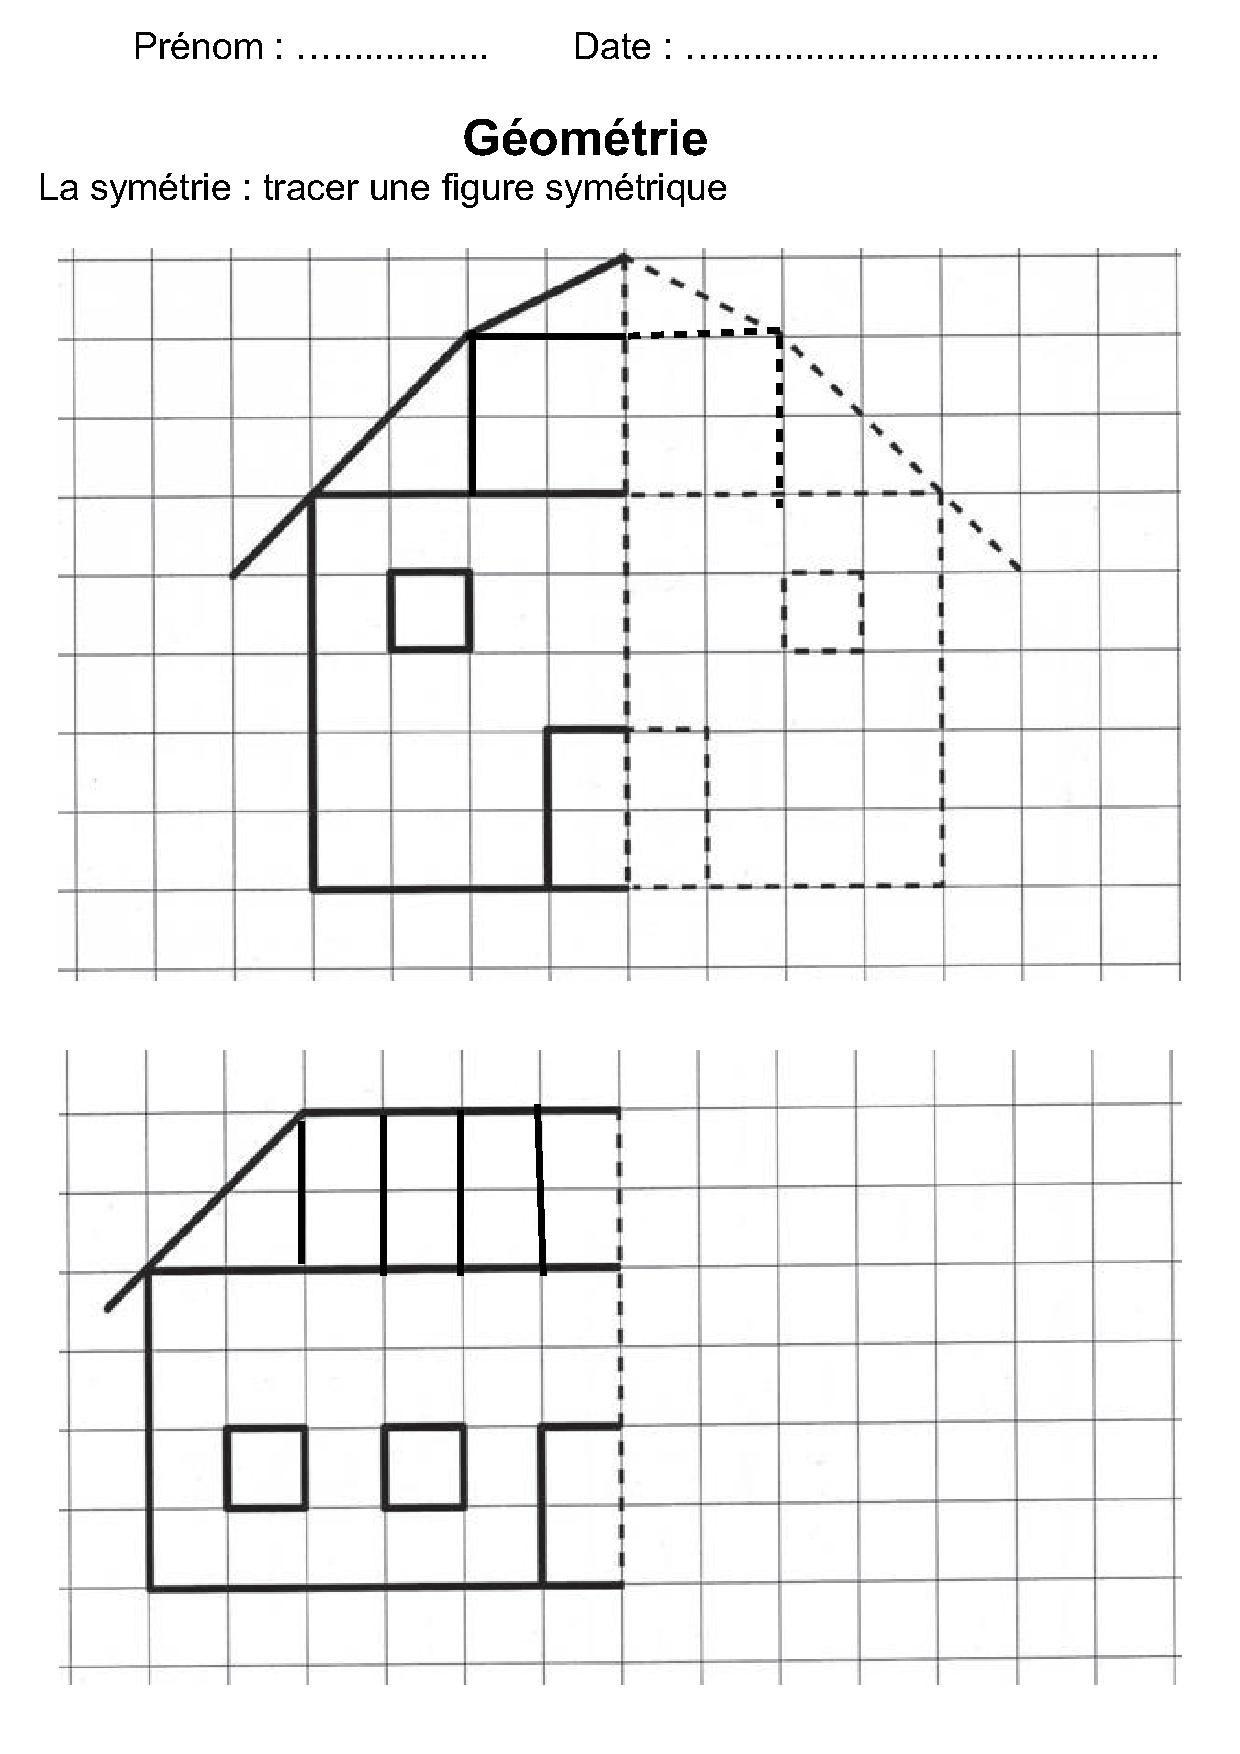 Géométrie Ce1,ce2,la Symétrie,reproduire Une Figure pour Reproduction Sur Quadrillage Cm1 A Imprimer